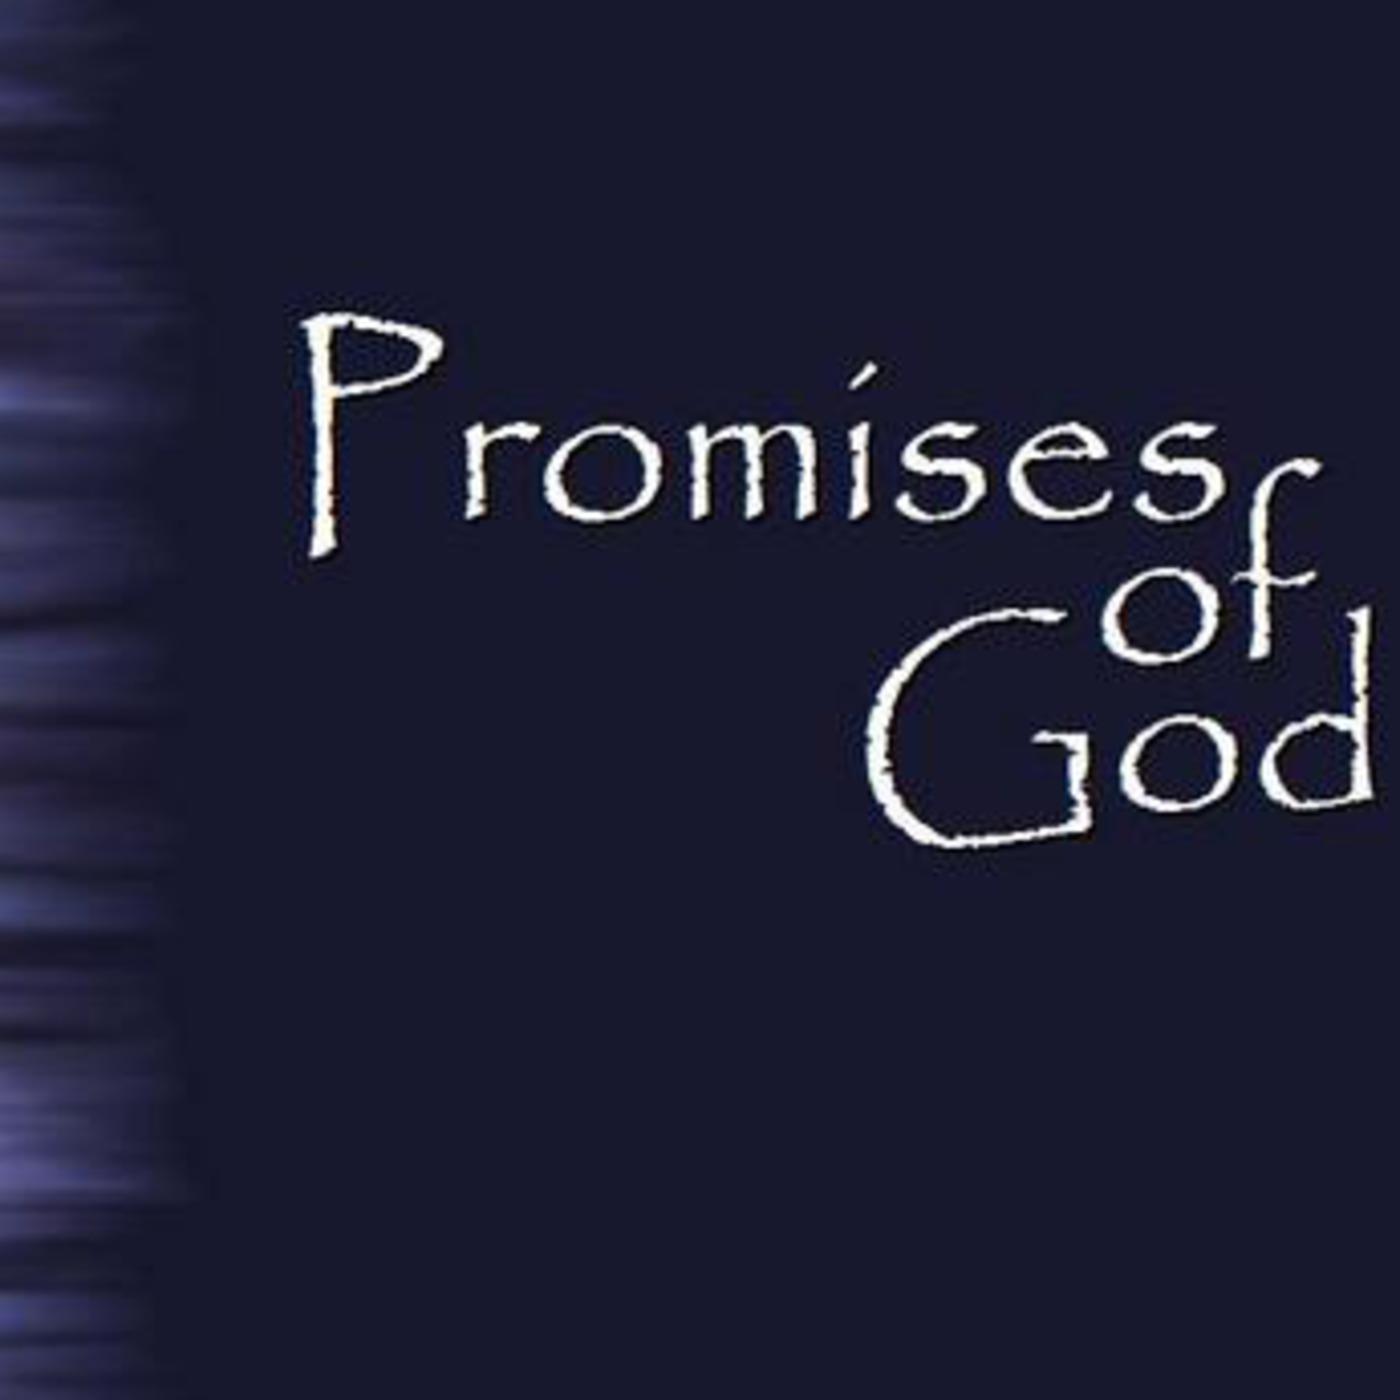 Promises of God - Eternal Life